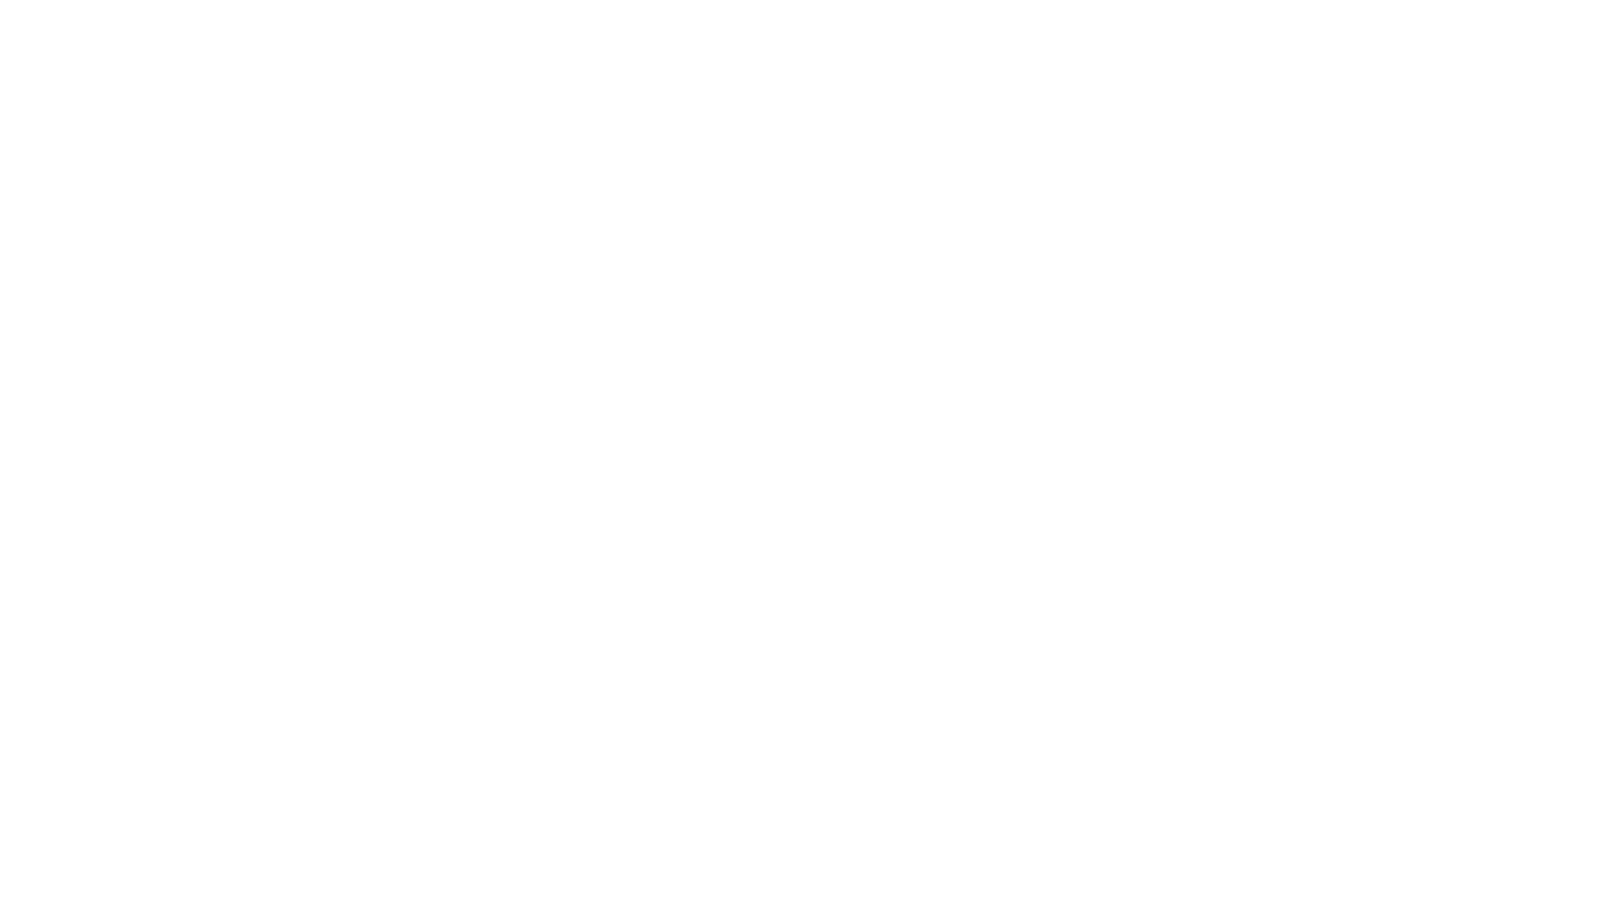 ►  MEHR LINKS   Unterstützung-http://bit.ly/3te7u5c Kauf Gartenantworten Merch-http://bit.ly/3aqaLps  Video-Gear, die wir verwenden-http://bit.ly/3juhDpV